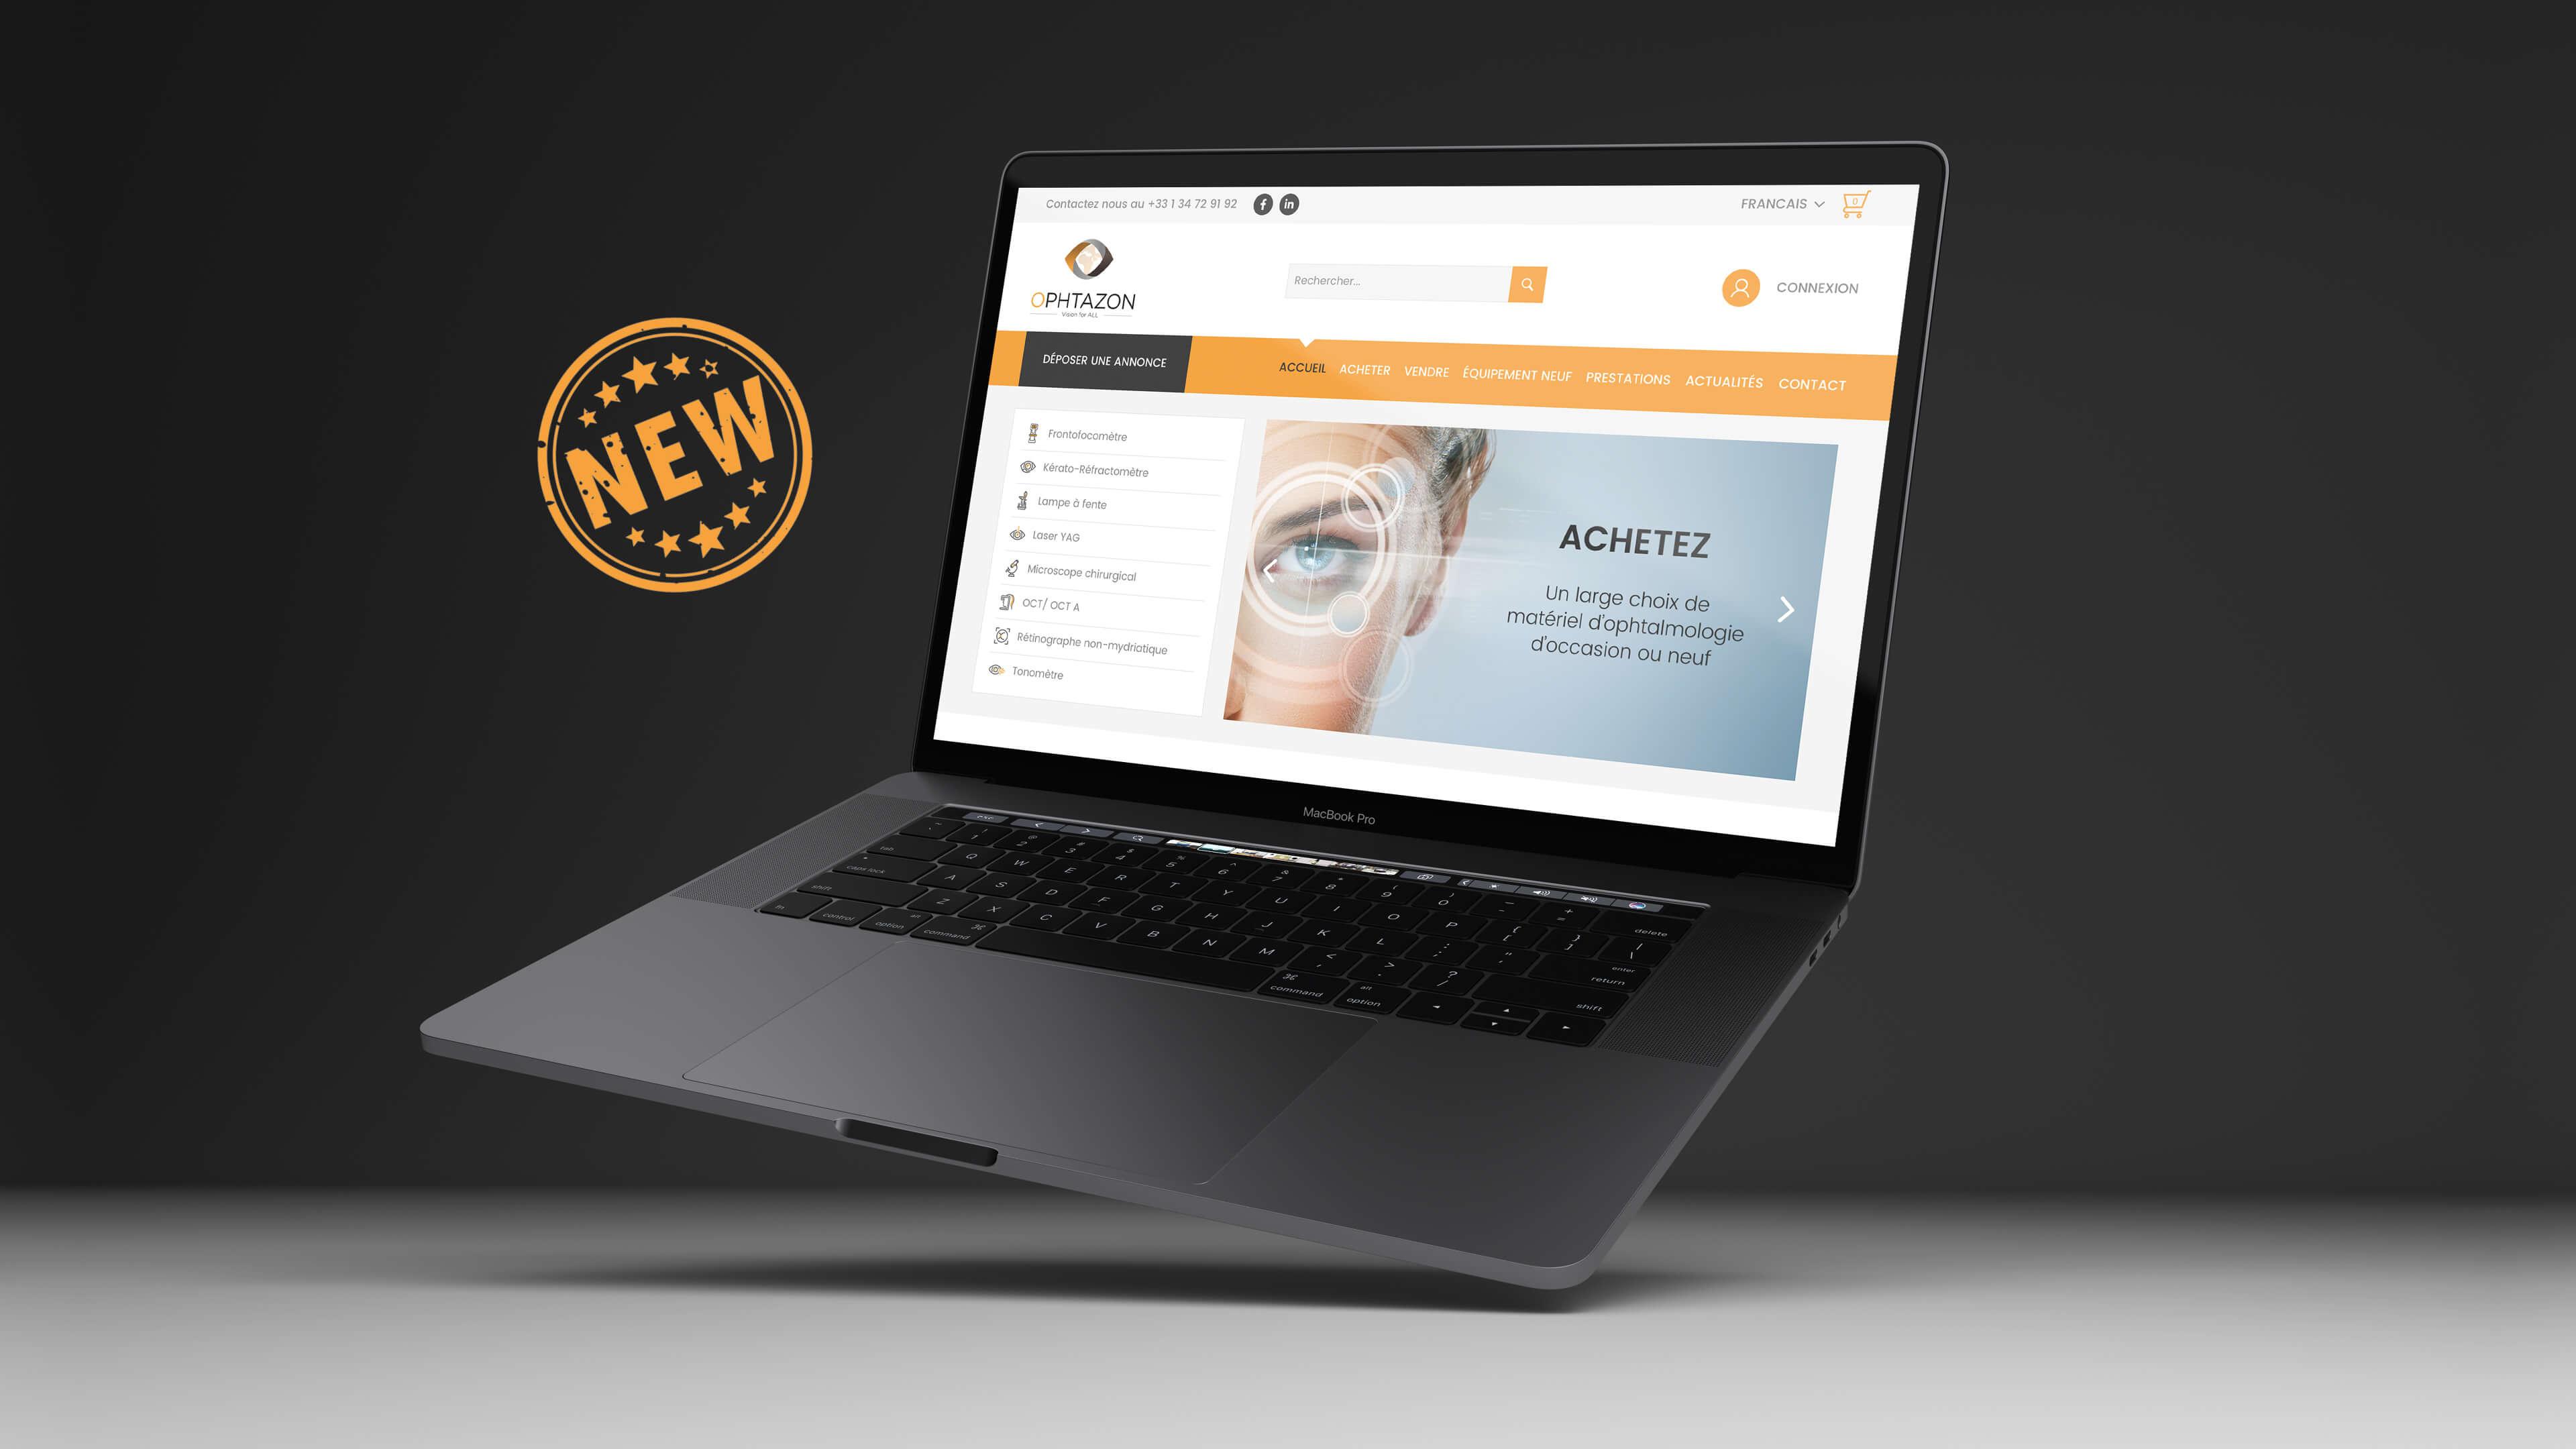 Un nouveau site internet pour OPHTAZON !